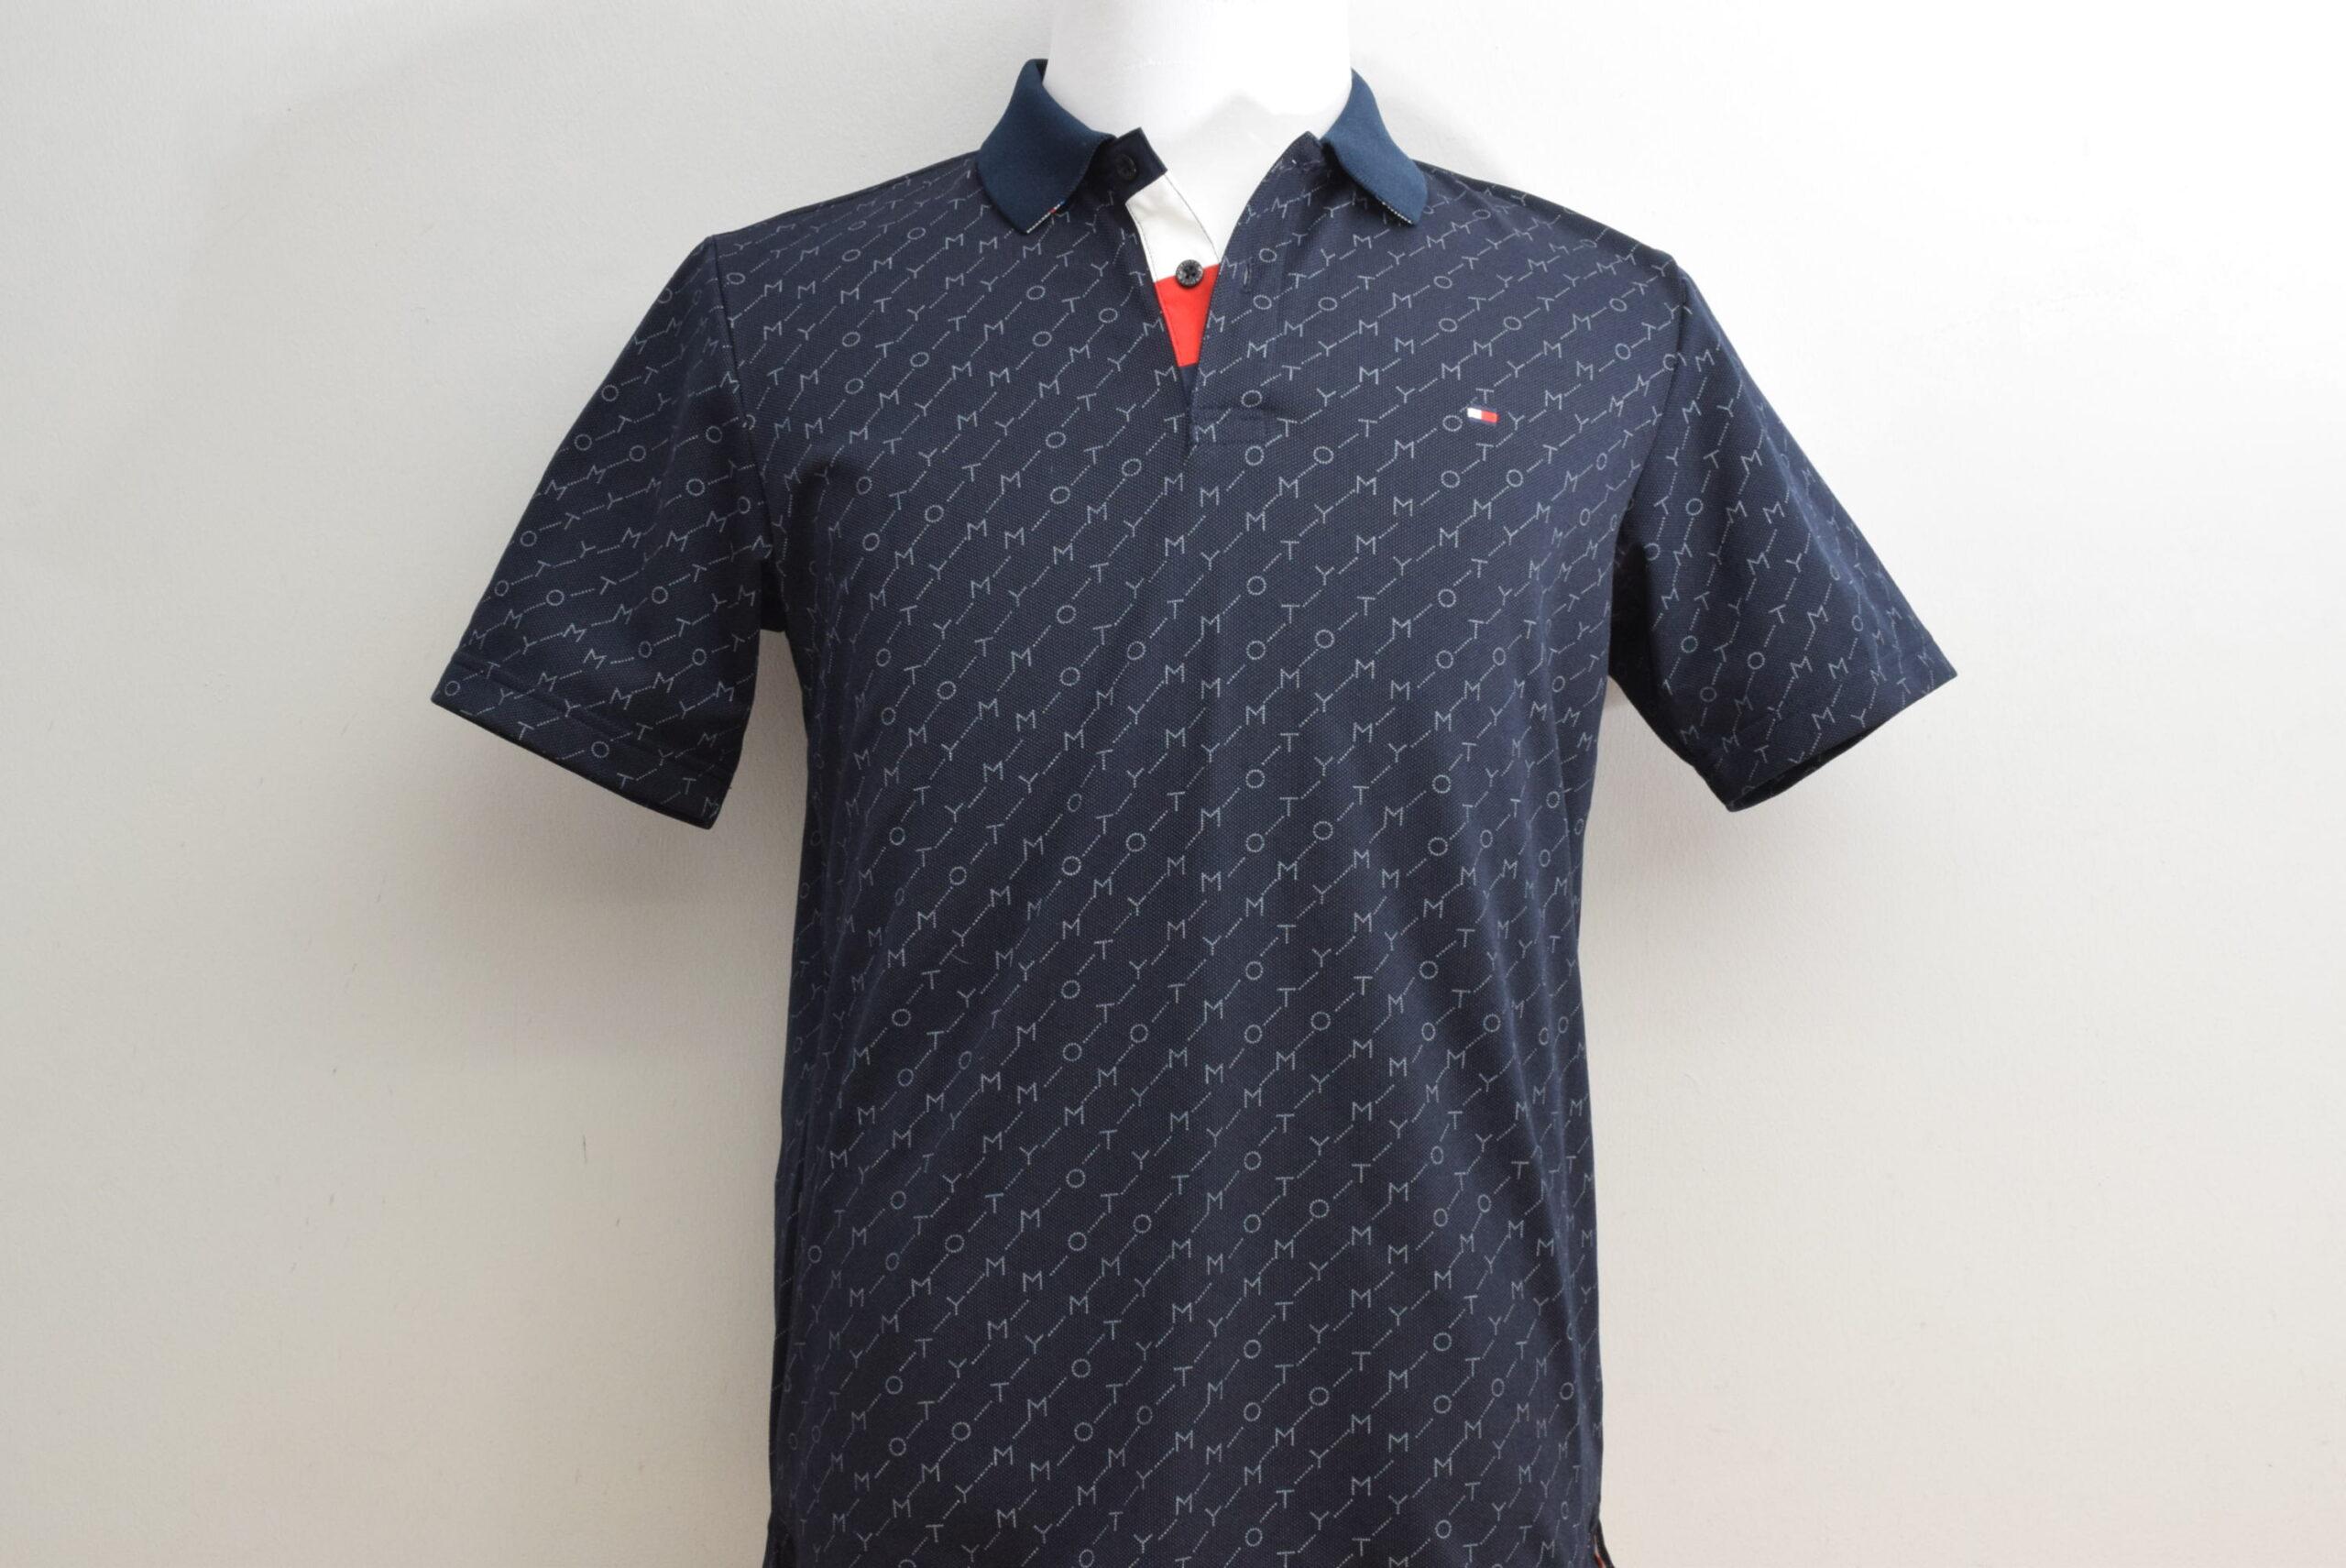 トミーヒルフィガー メンズ ポロシャツ メッシュ ネイビー ロゴ柄 Lサイズ